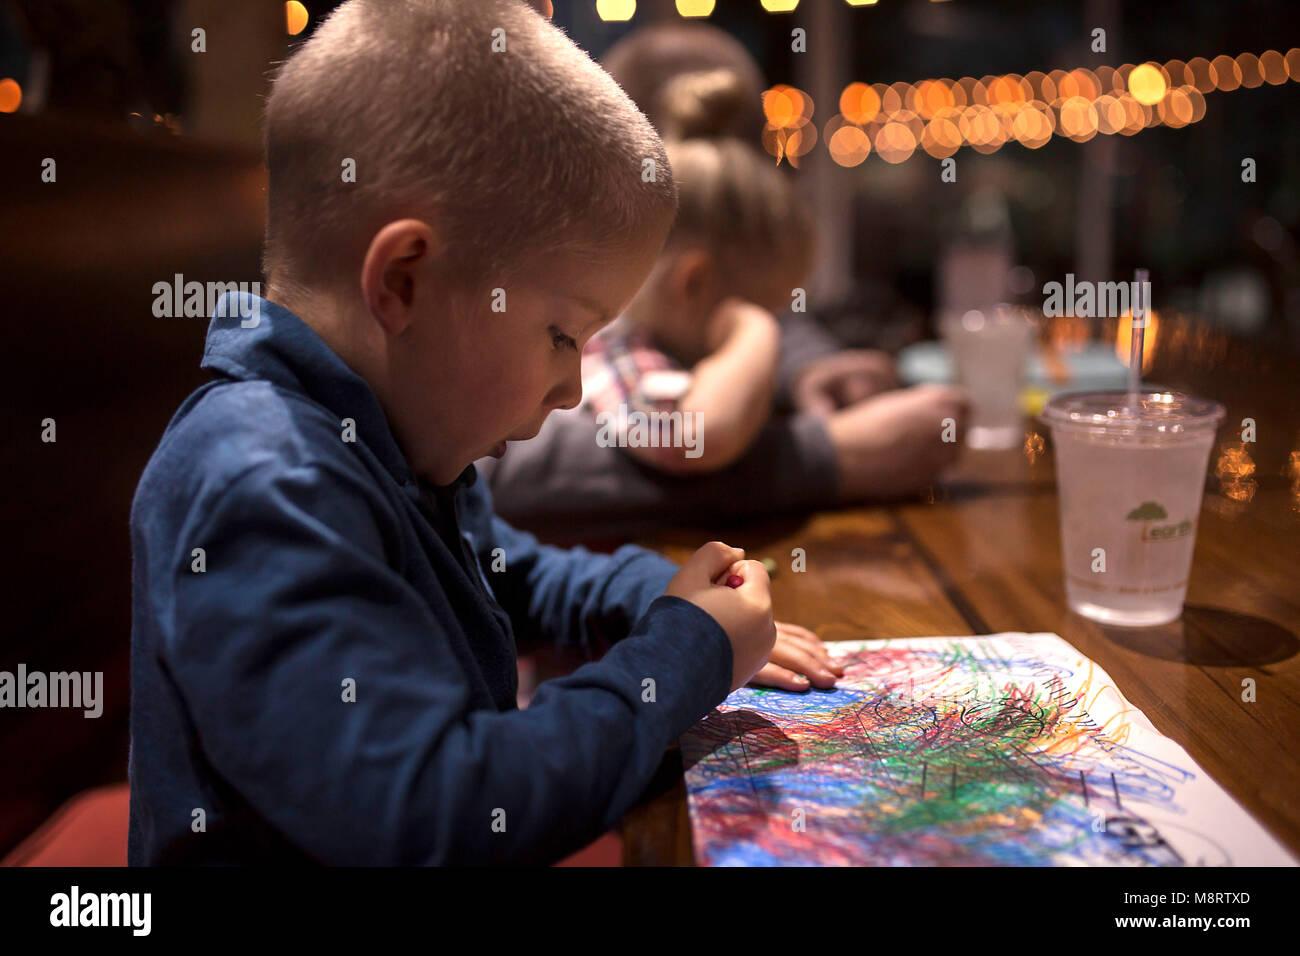 Vista lateral del muchacho colorear en papel en la mesa de comedor en el restaurante Imagen De Stock